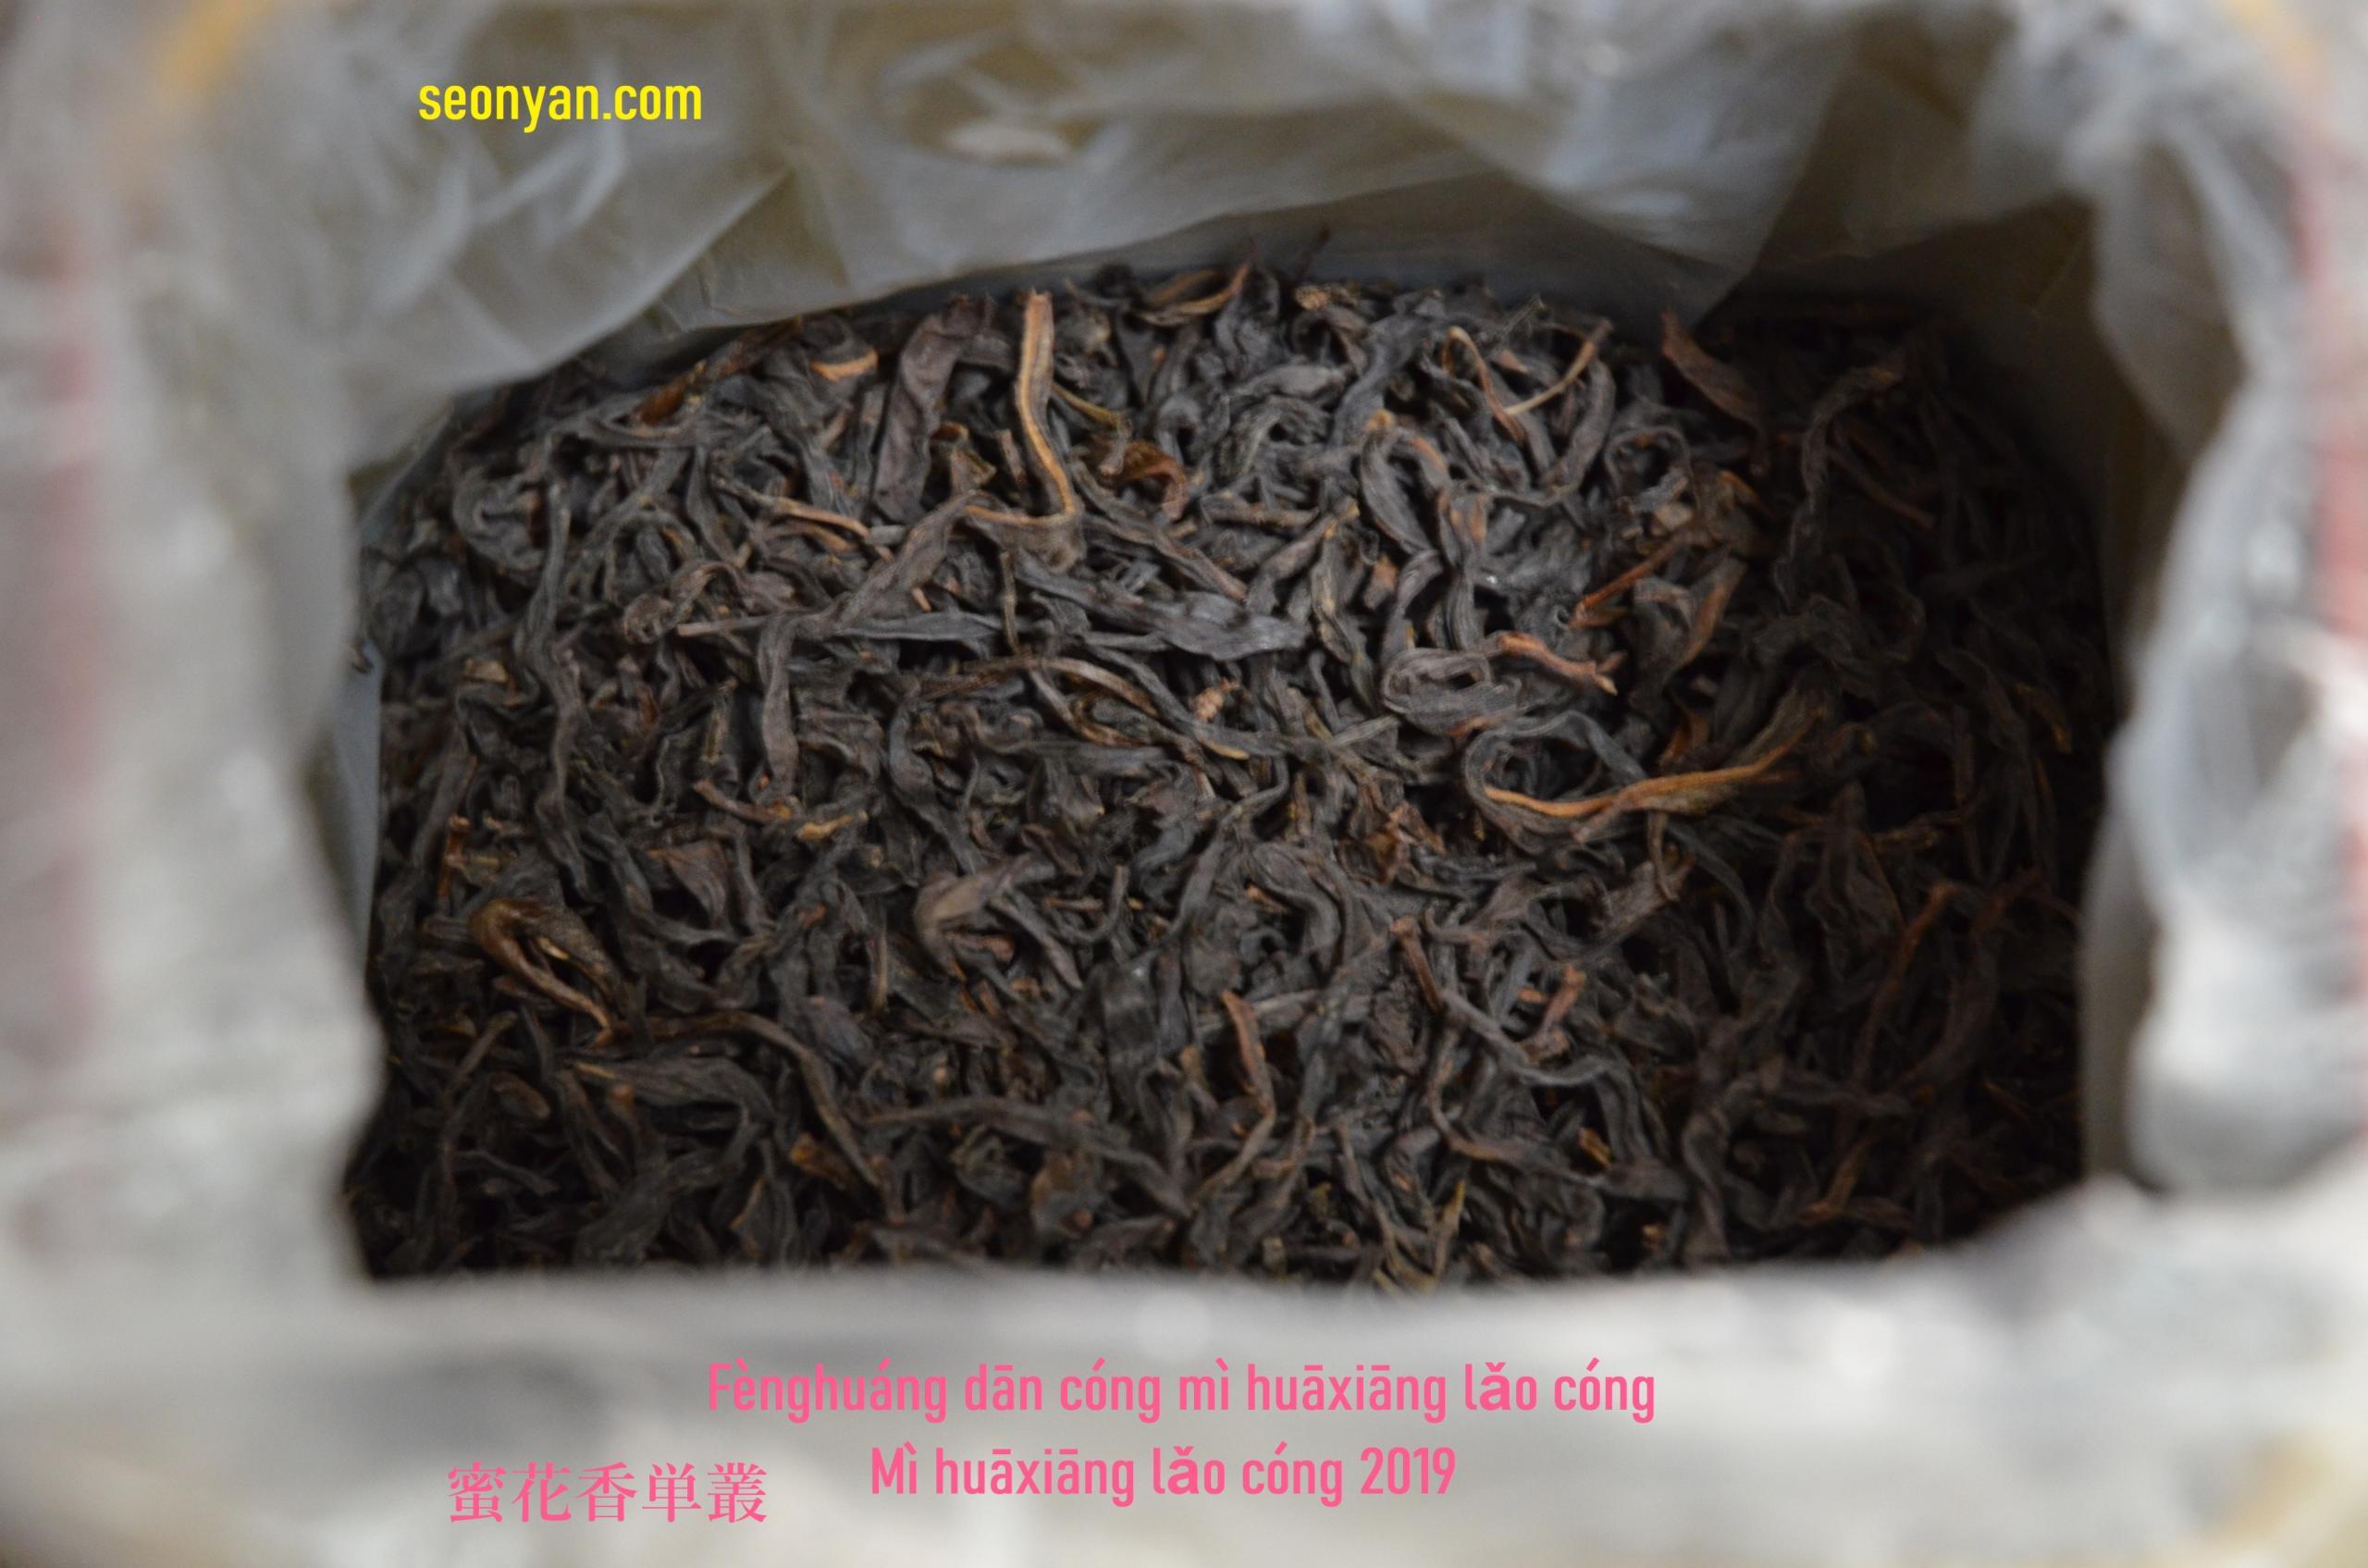 鳳凰単叢蜜花香茶葉